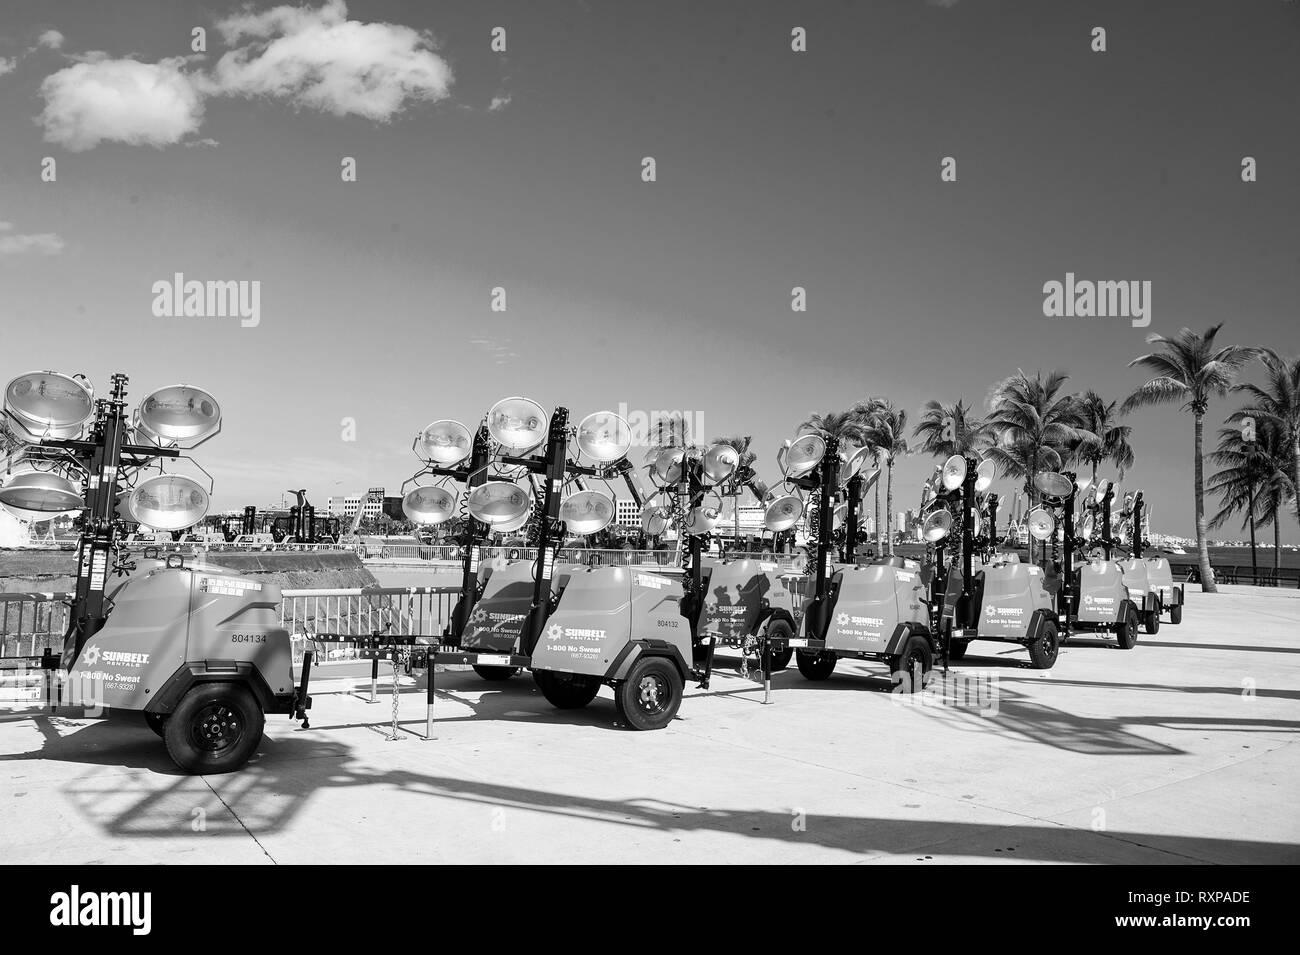 Miami, USA - Le 29 février 2016 mobile: l'équipement industriel ou d'outils pour l'éclairage sur les roues au salon d'exposition ou l'extérieur dès les beaux jours on blue sky Banque D'Images